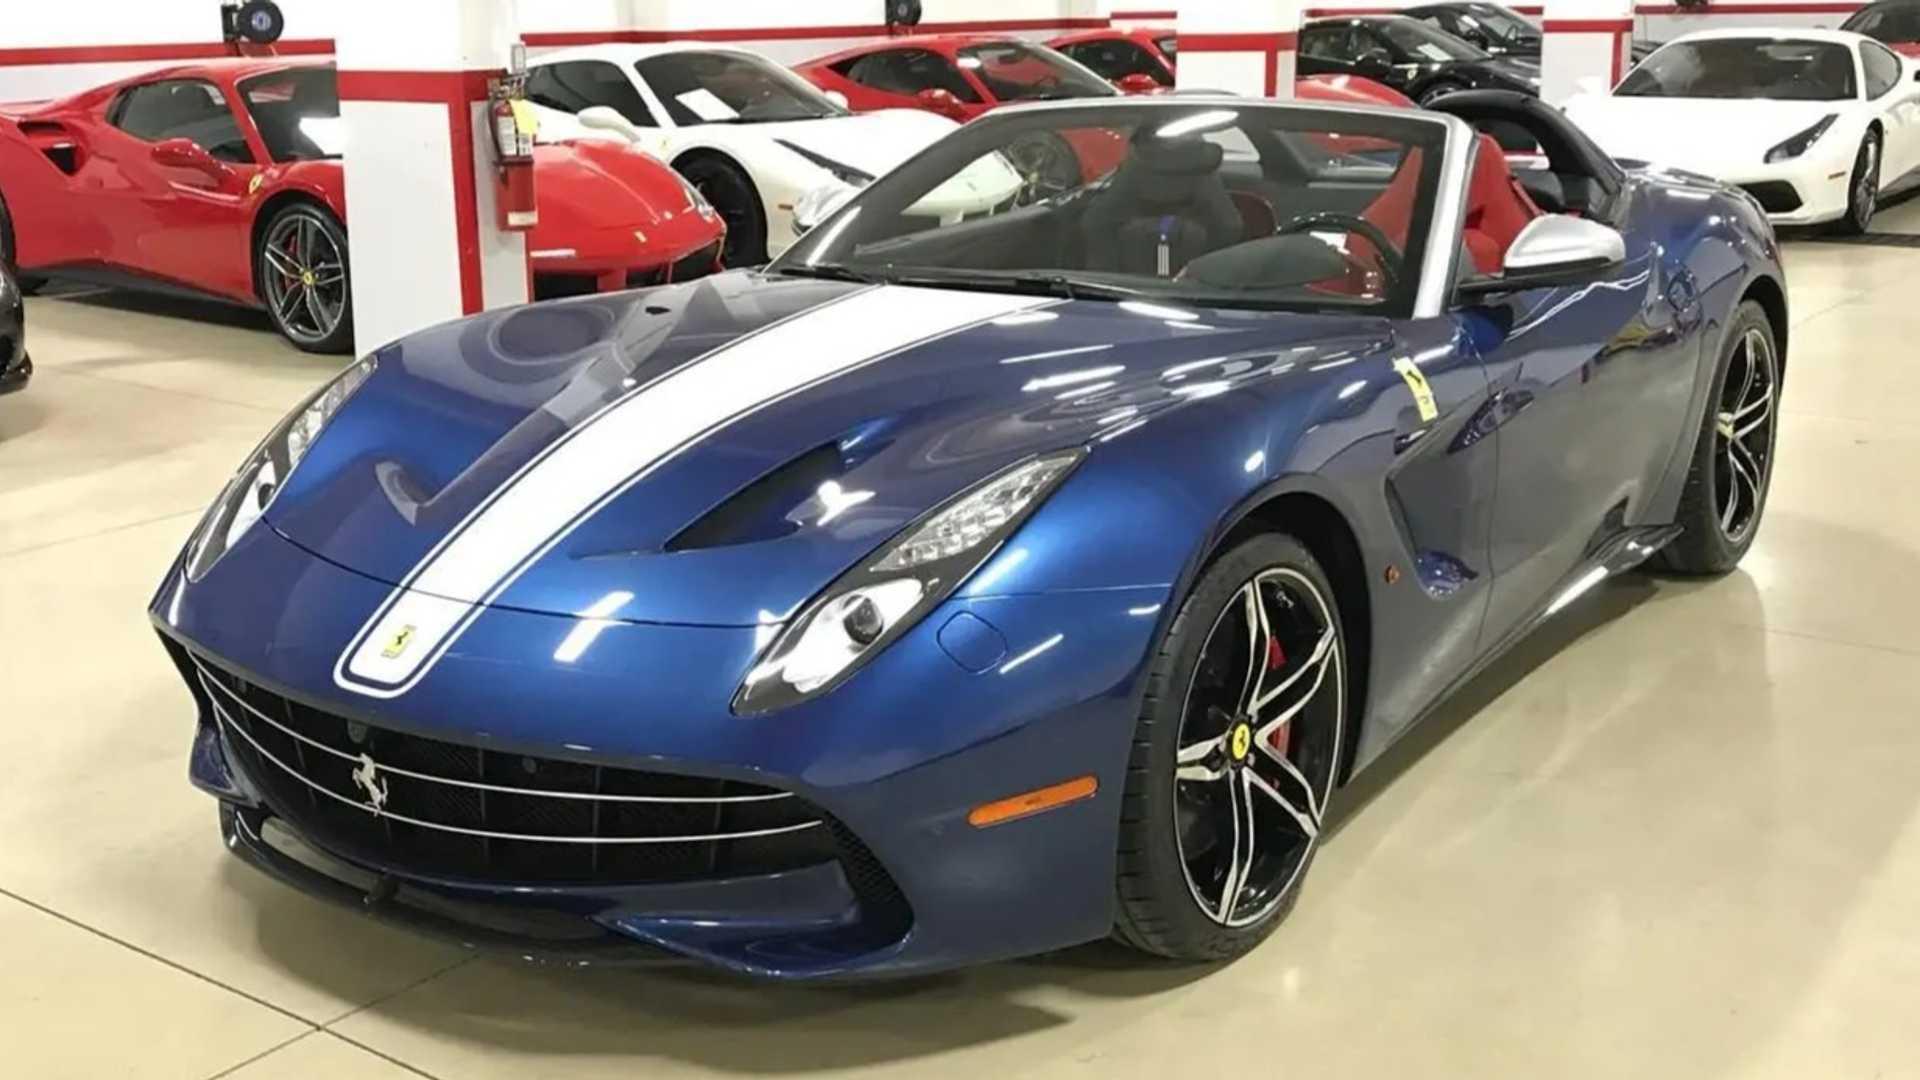 Rare Ferrari F60 America Shows Up For Sale In Canada